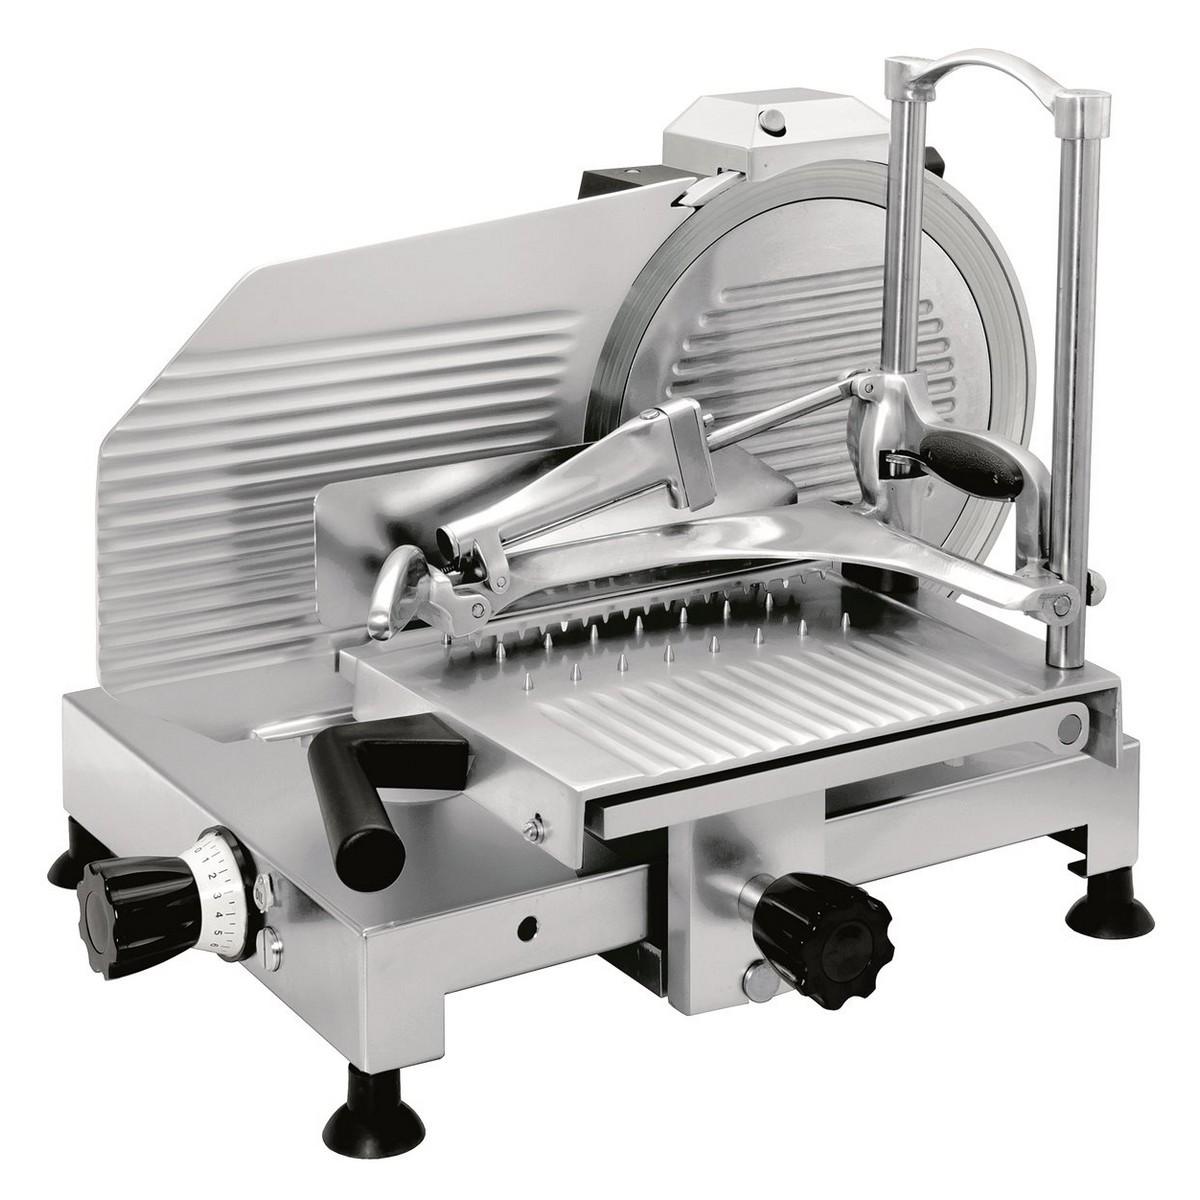 Allesschneider Modell VPR300 MN - Stahl mit Edelstahlklinge Ø 300 mm